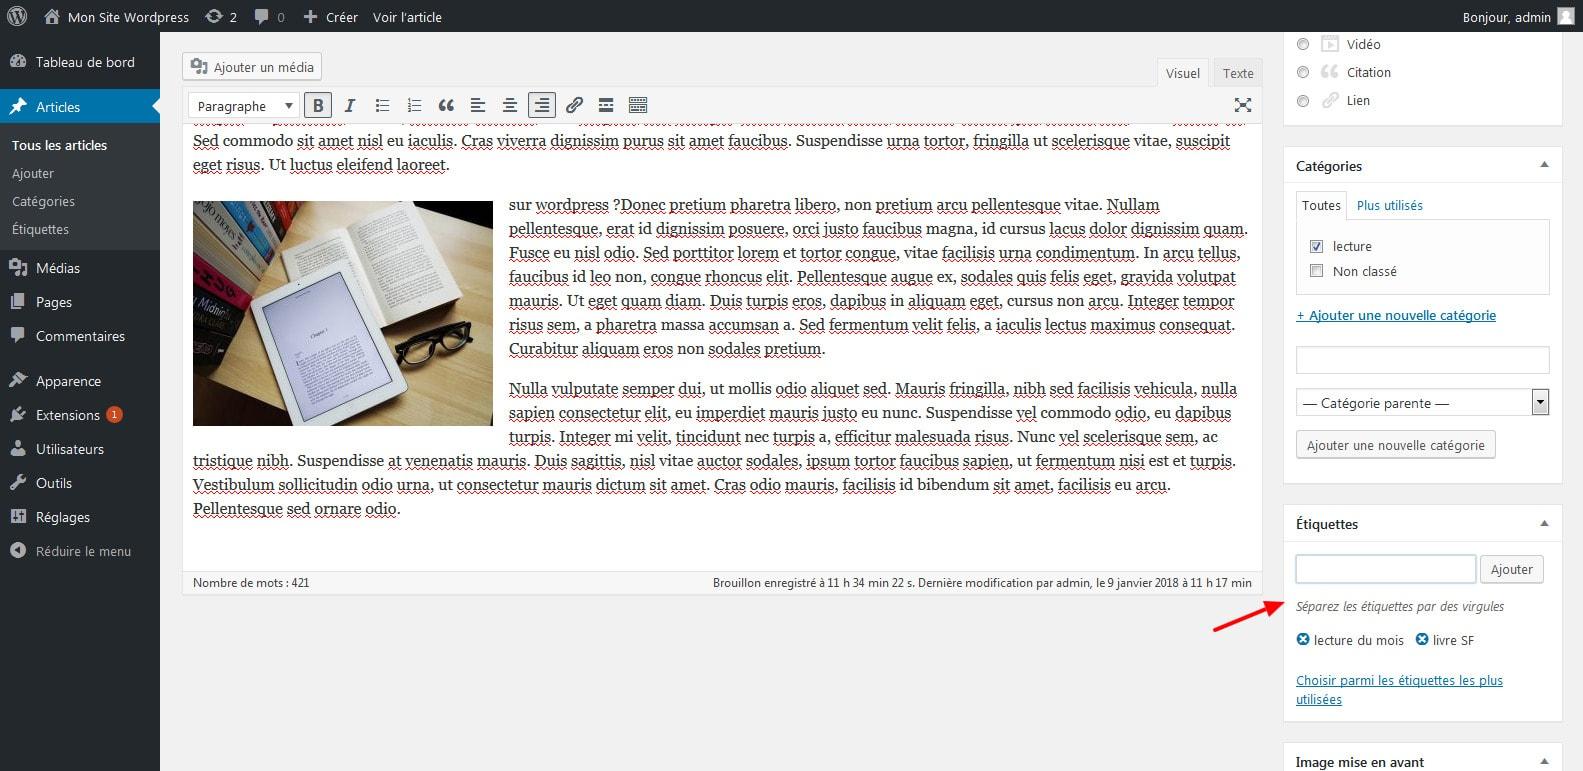 09 ajouter des etiquettes ou mots cles dans son article wordpress